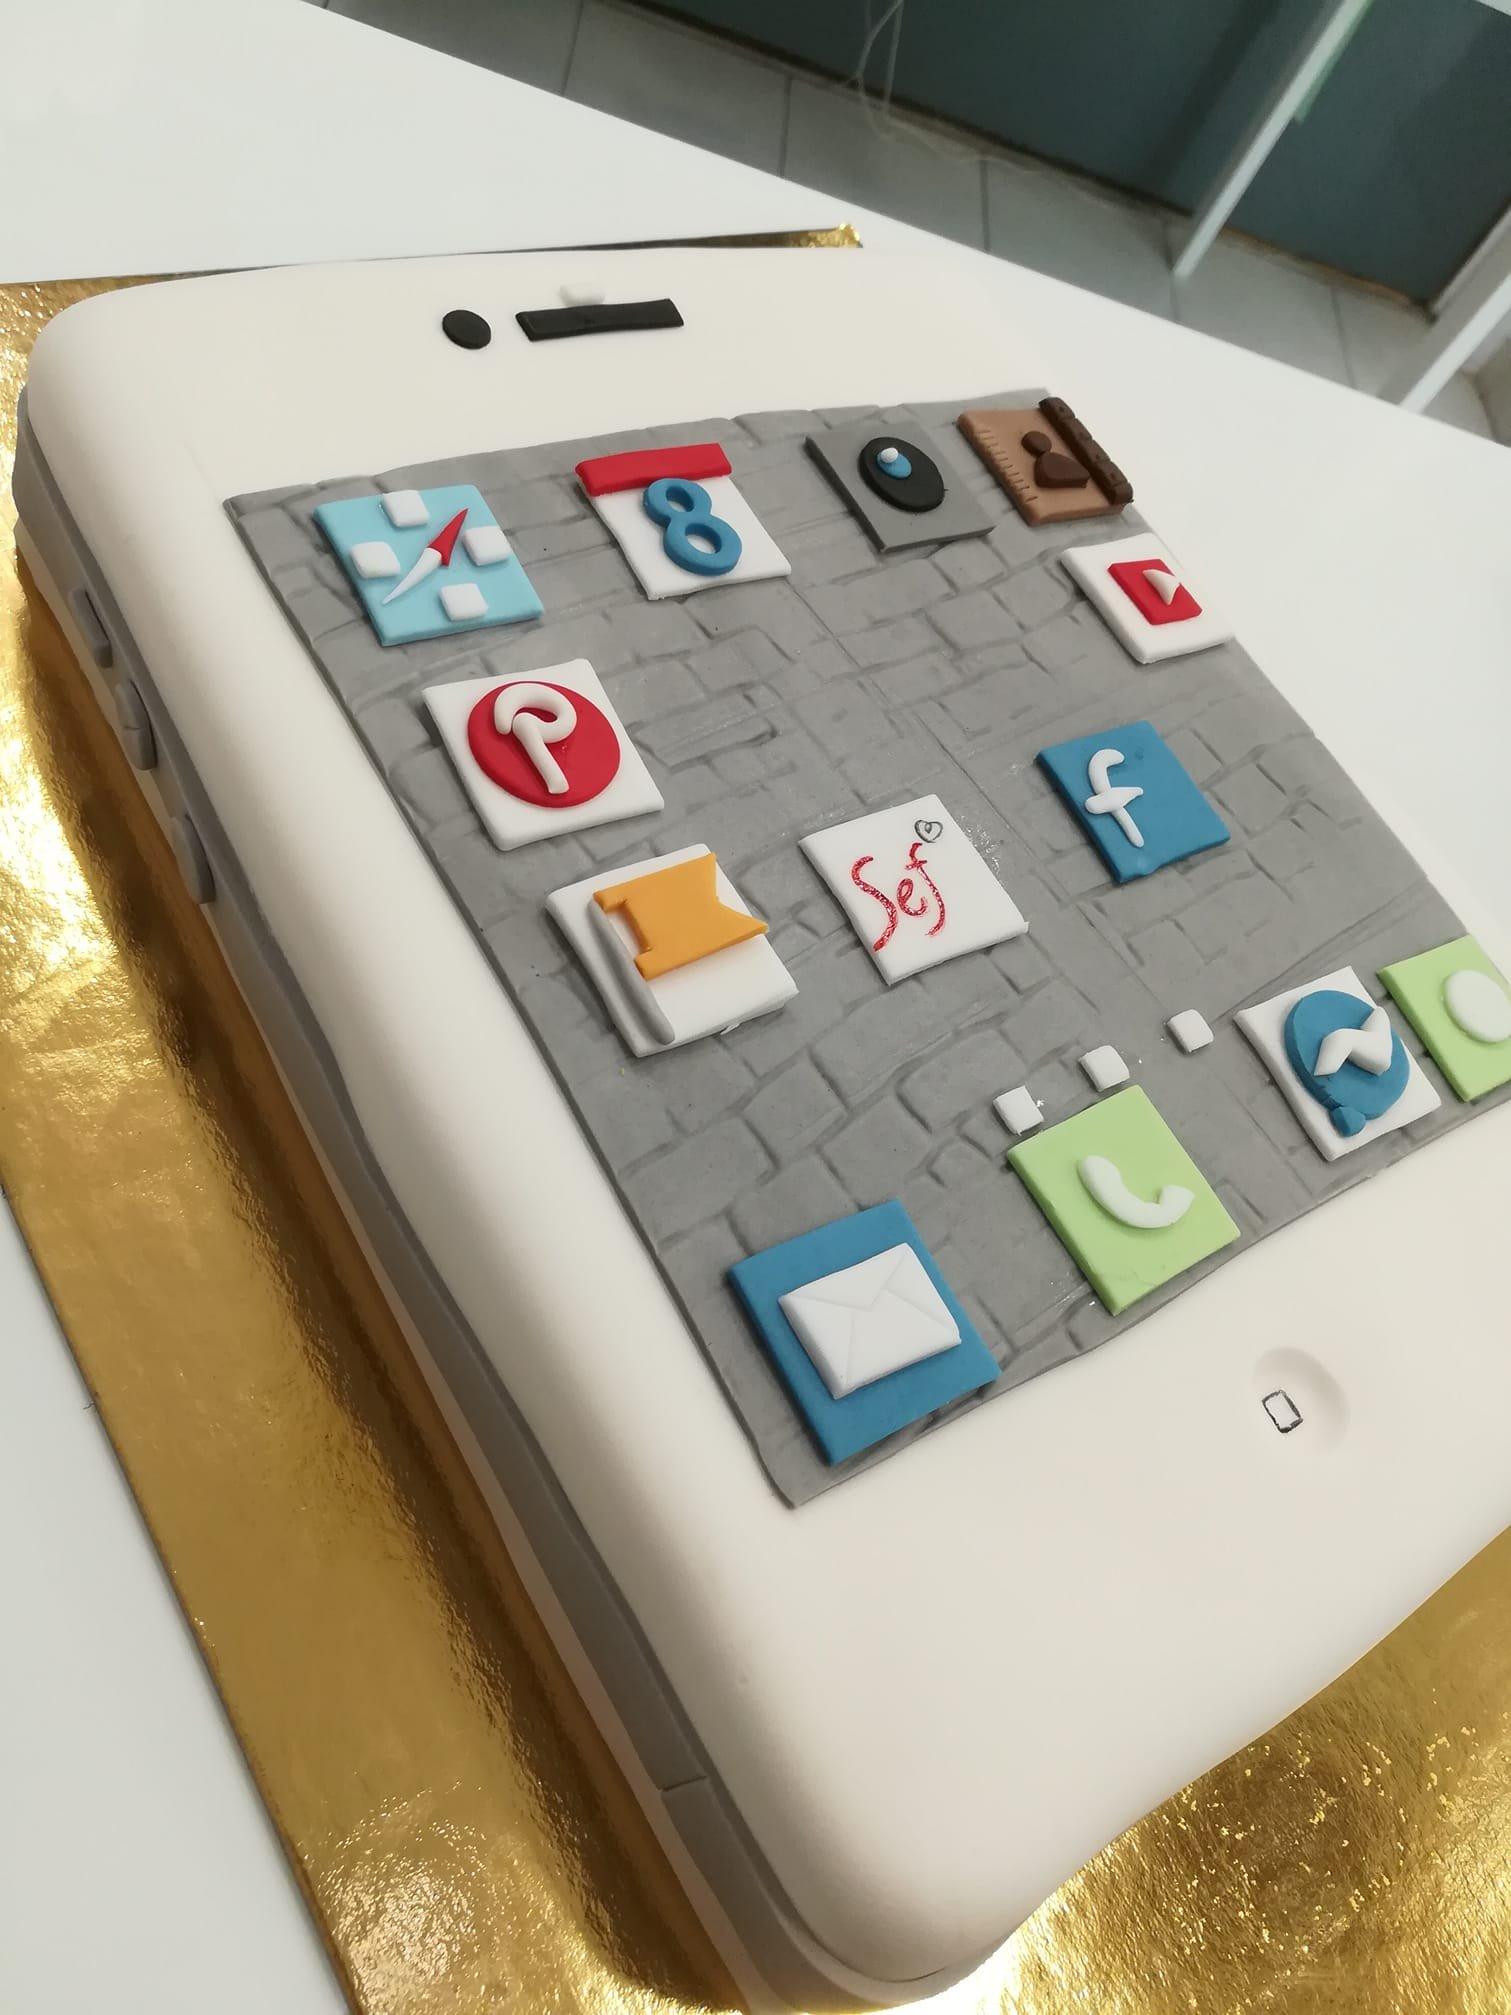 τούρτα από ζαχαρόπαστα το κινητό μου, my mobile apps themed cake, Ζαχαροπλαστεία στη Καλαμάτα madame charlotte, τούρτες γεννεθλίων γάμου βάπτησης παιδικές θεματικές birthday theme party cake 2d 3d confectionery patisserie kalamata